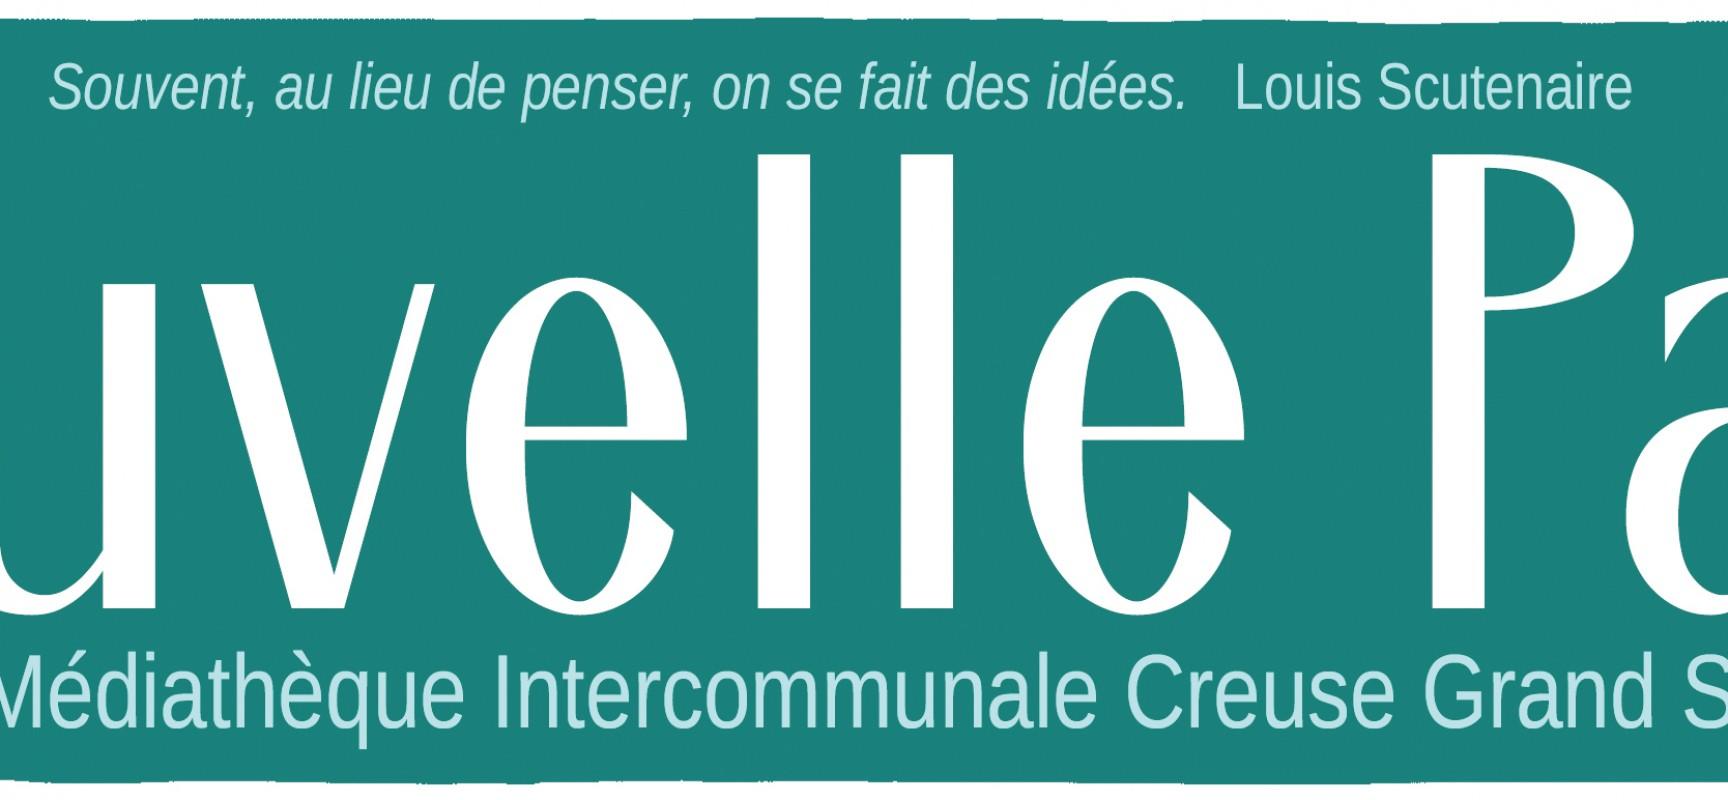 La gazette de la Médiathèque intercommunale est de sortie ! Janvier-Février 2018